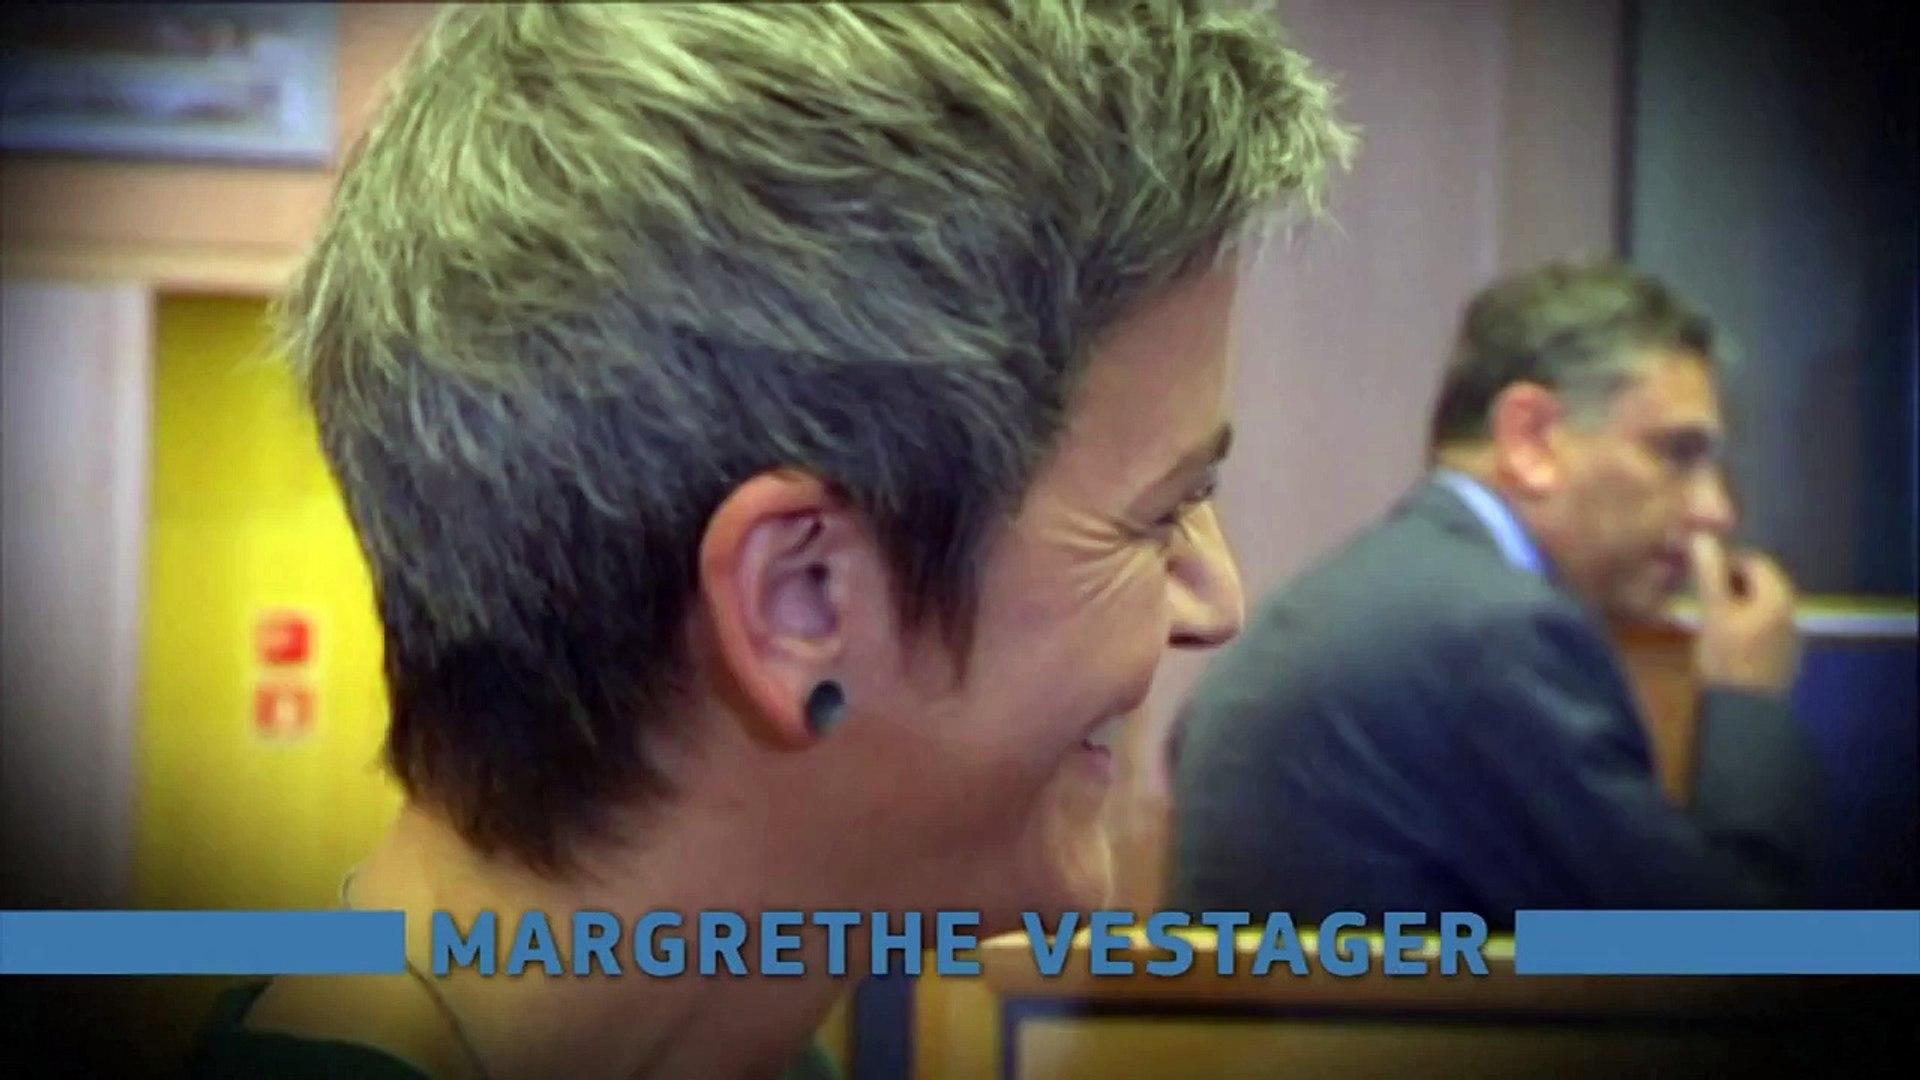 Margrethe Vestager: Competition